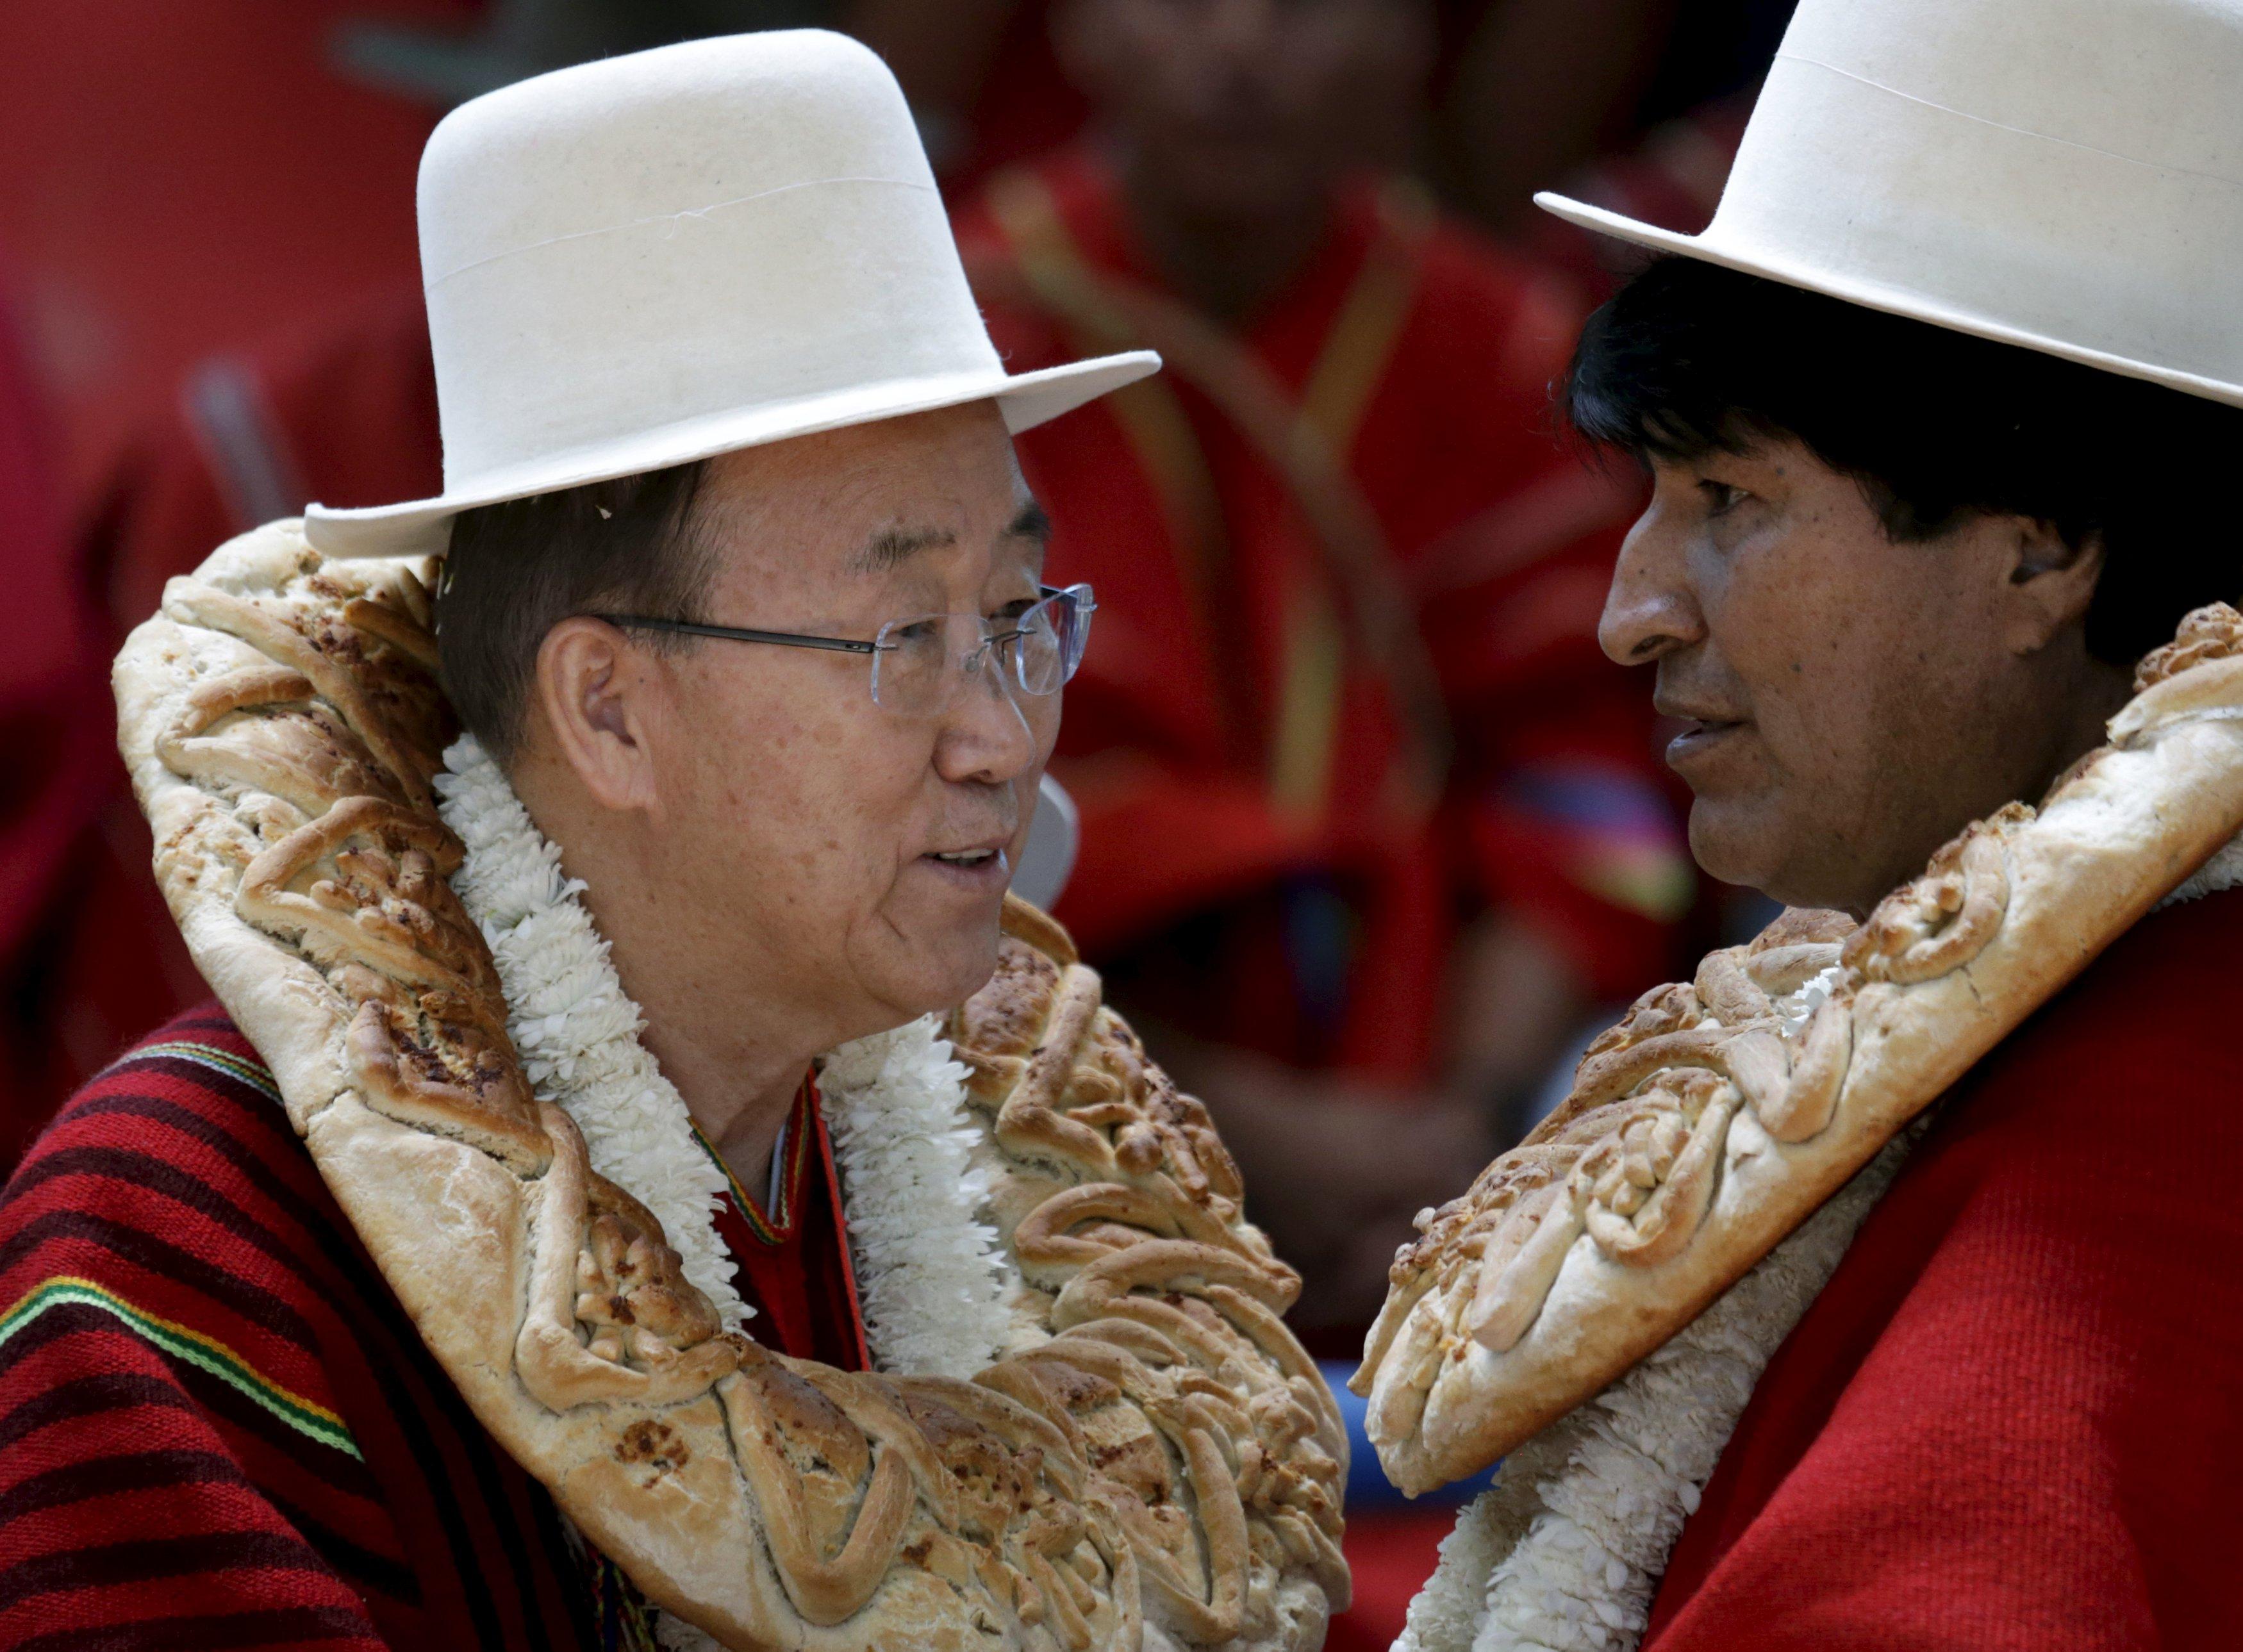 """Sekretaris Jenderal PBB Ban Ki-moon (kiri) berbincang dengan Presiden Bolivia Evo Morales dalam peresmian arena olahraga """"Coliseo Ban Ki-moon"""" di Vila Vila, selatan Cochabamba, Minggu (11/10). Ban Ki-moon berada di Bolivia untuk menghadiri Konferensi Rakyat untuk Perubahan Iklim dan Pertahanan Hidup, diadakan sebelum Konferensi Perubahan Iklim Dunia di Paris. ANTARA FOTO/REUTERS/David Mercado."""